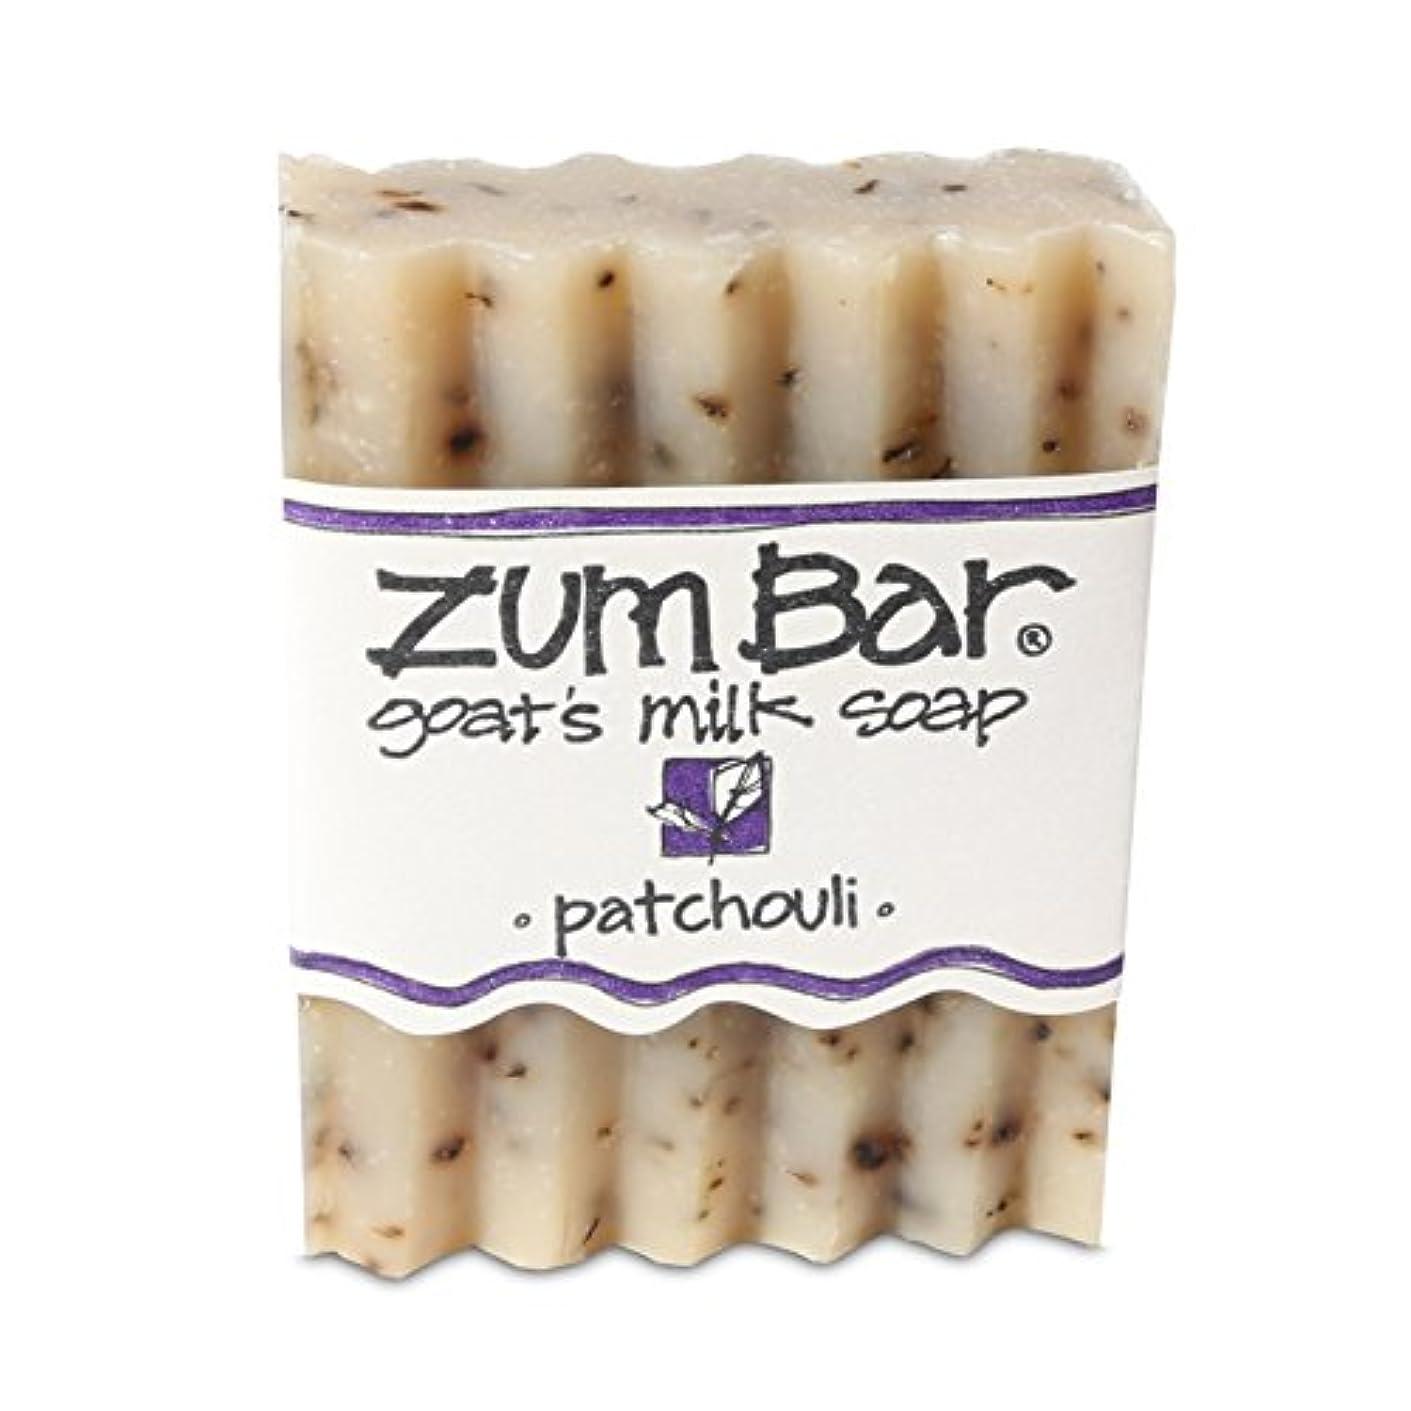 入札美徳とにかく海外直送品 Indigo Wild, Zum Bar, Goat's ミルク ソープ パチョリ, 3 Ounces (2個セット) (Patchouli) [並行輸入品]